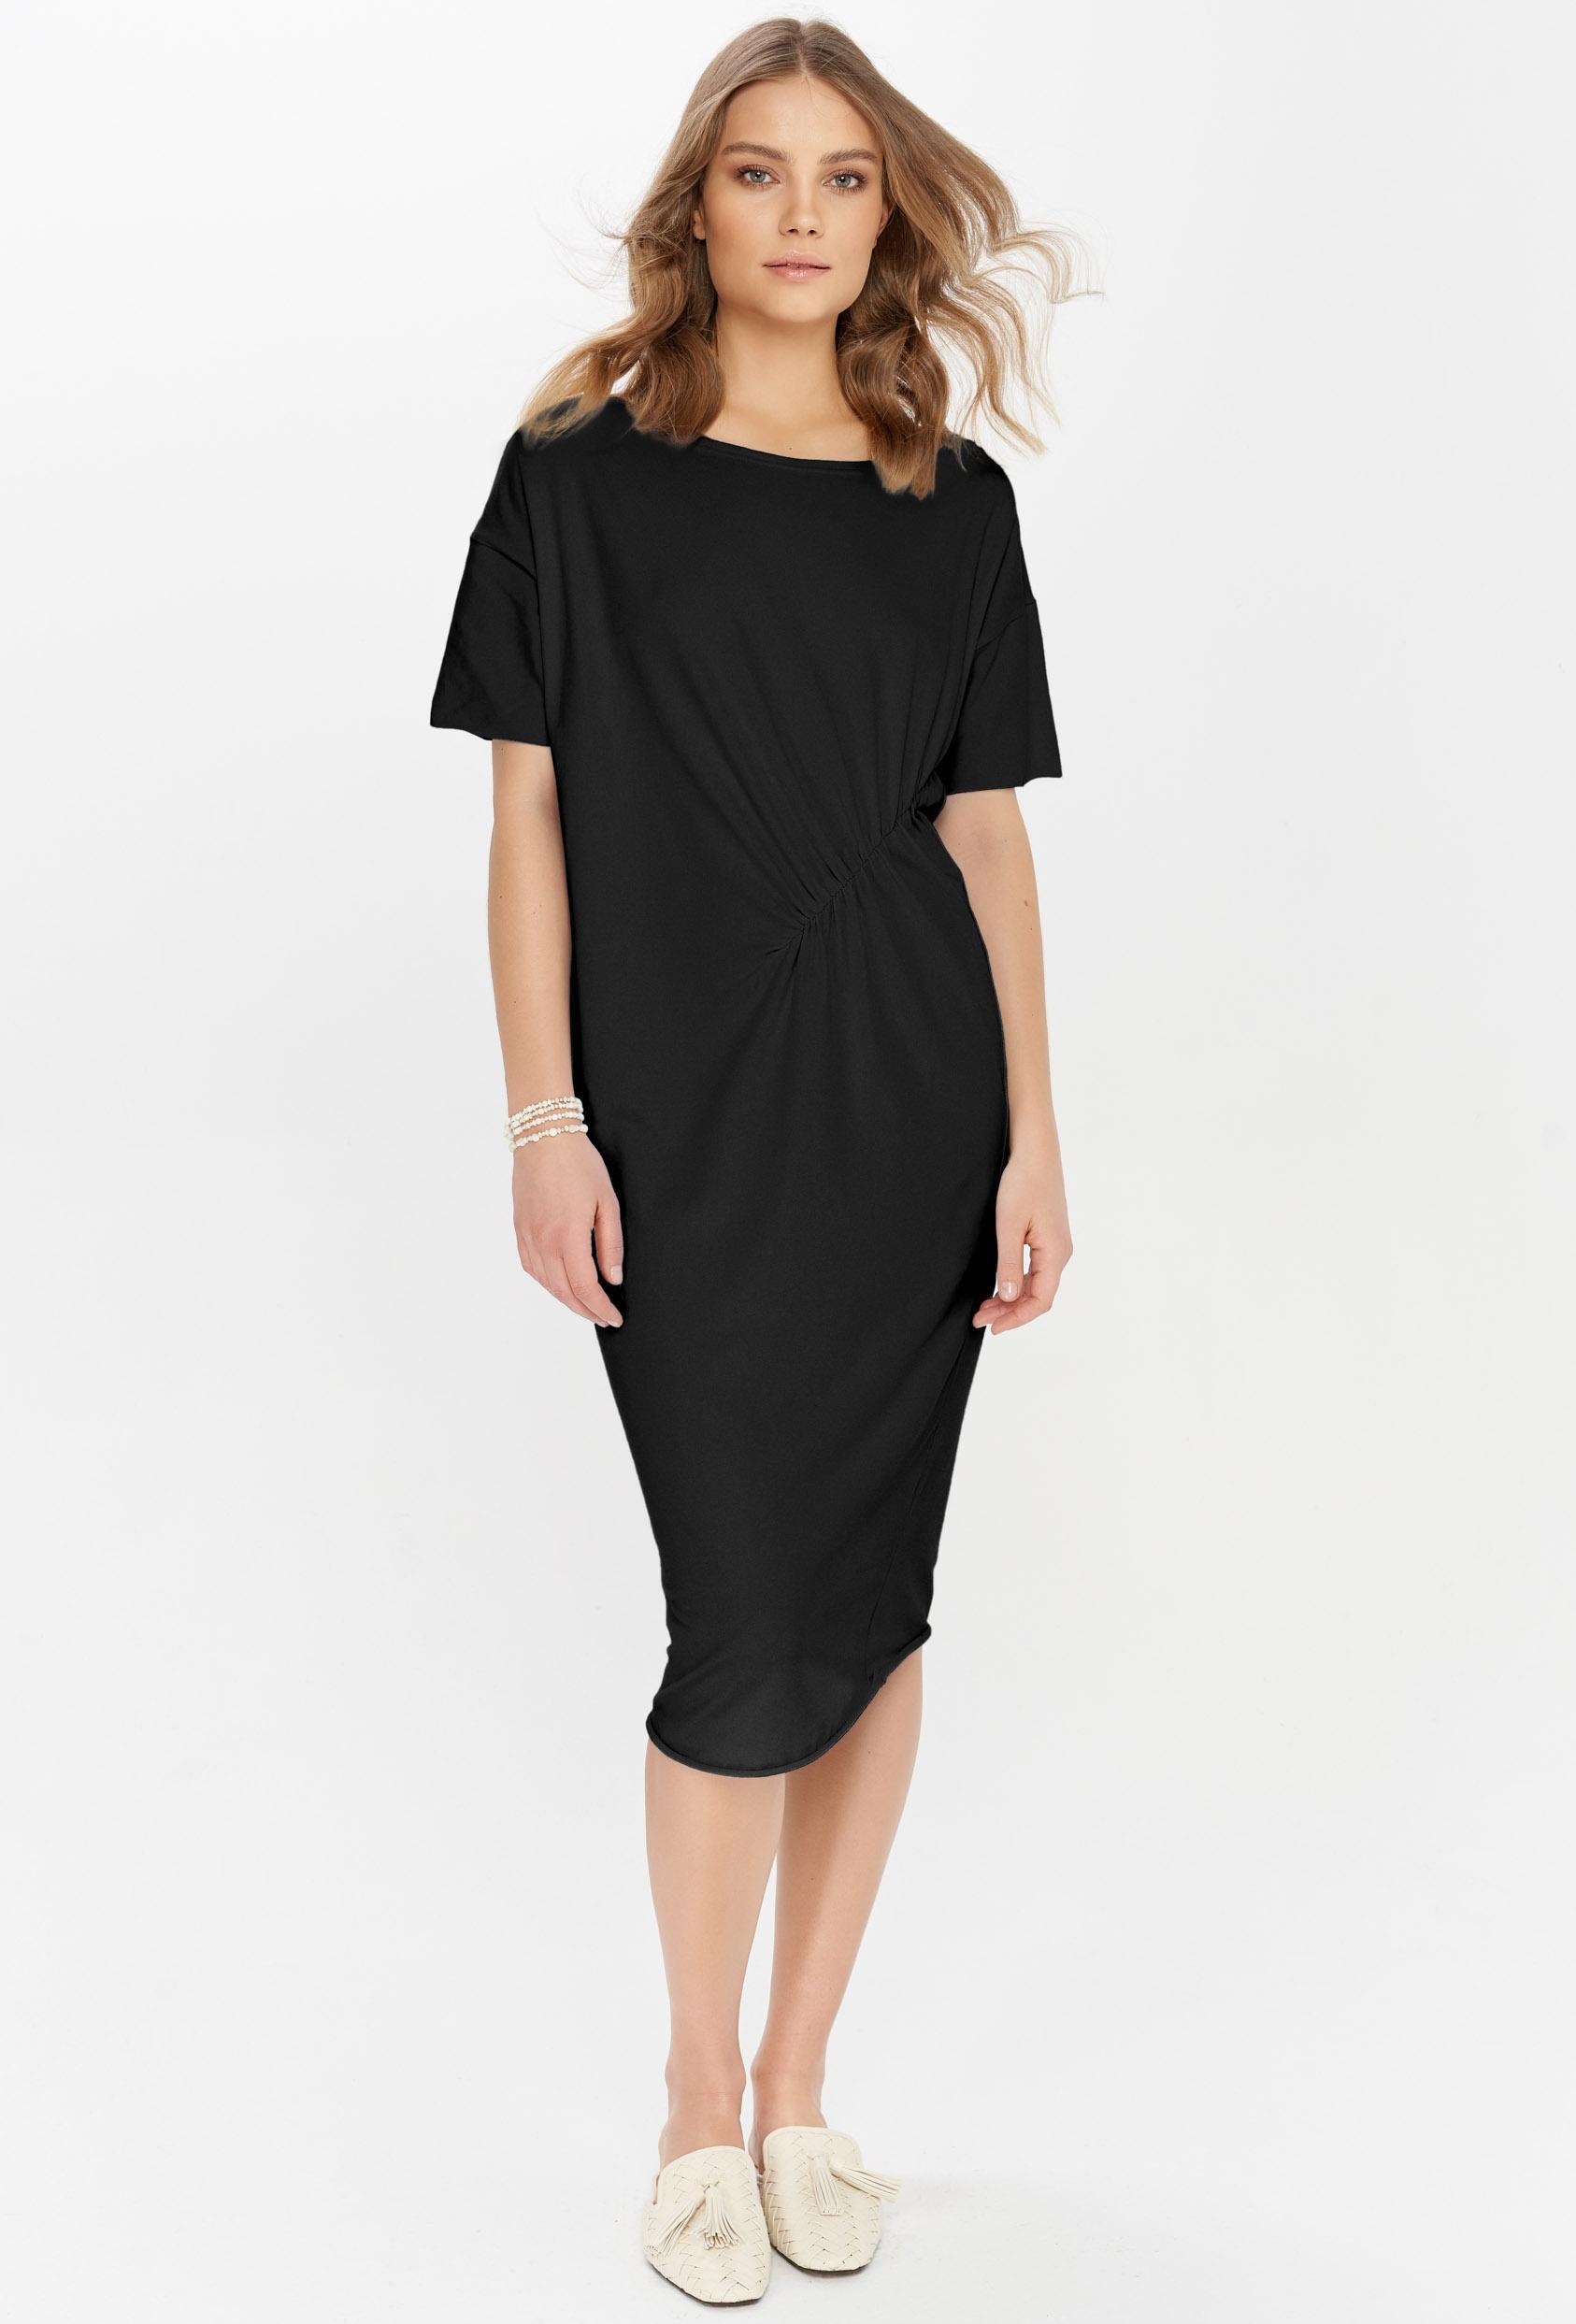 Sukienka midi TANYA DRESS czarna